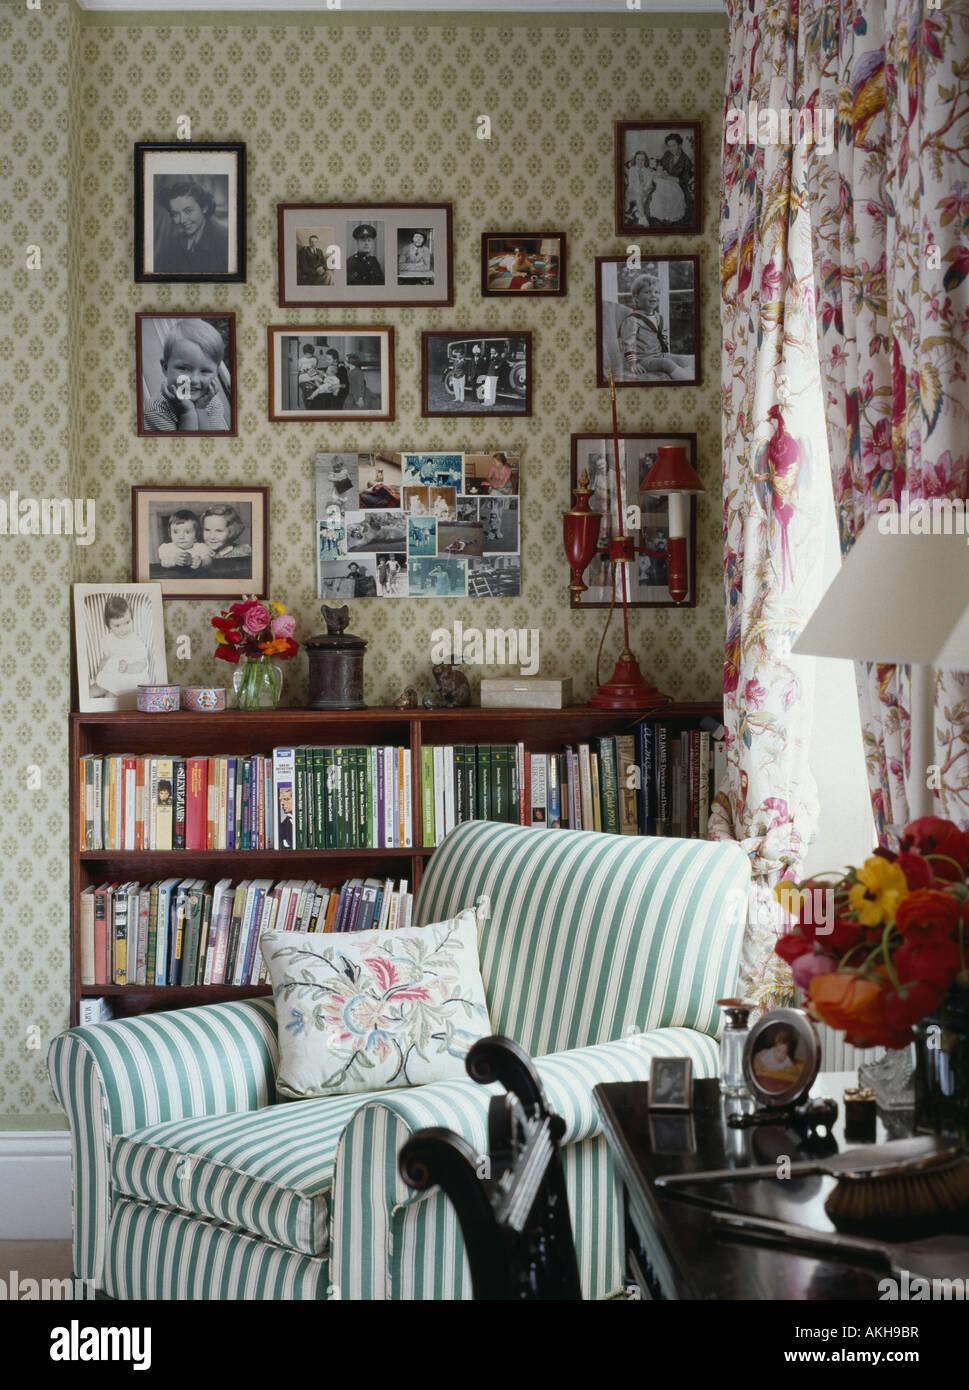 Schwarz / weiß Fotografien an Wand über Bücherregale im Wohnzimmer ...